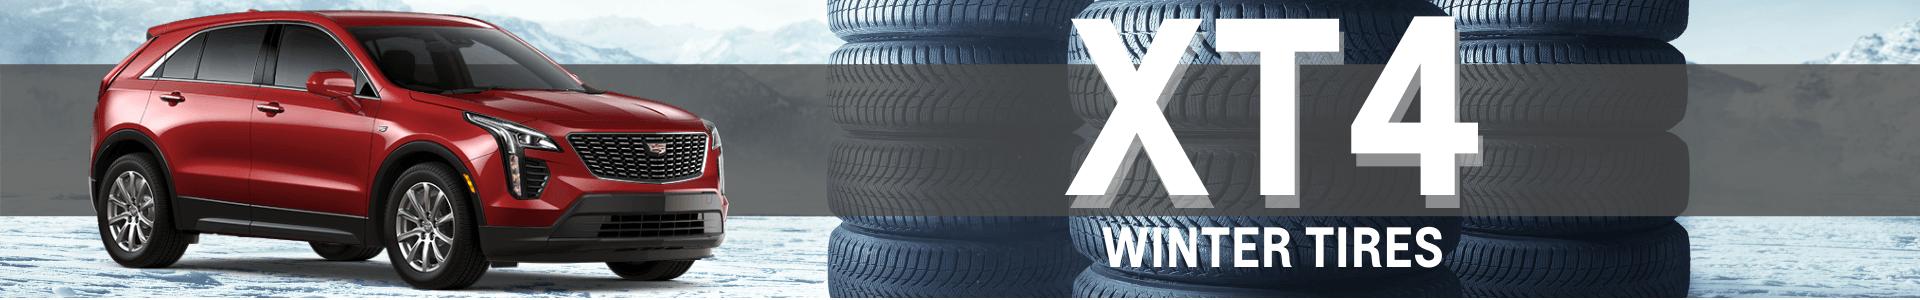 XT4 winter tire deals